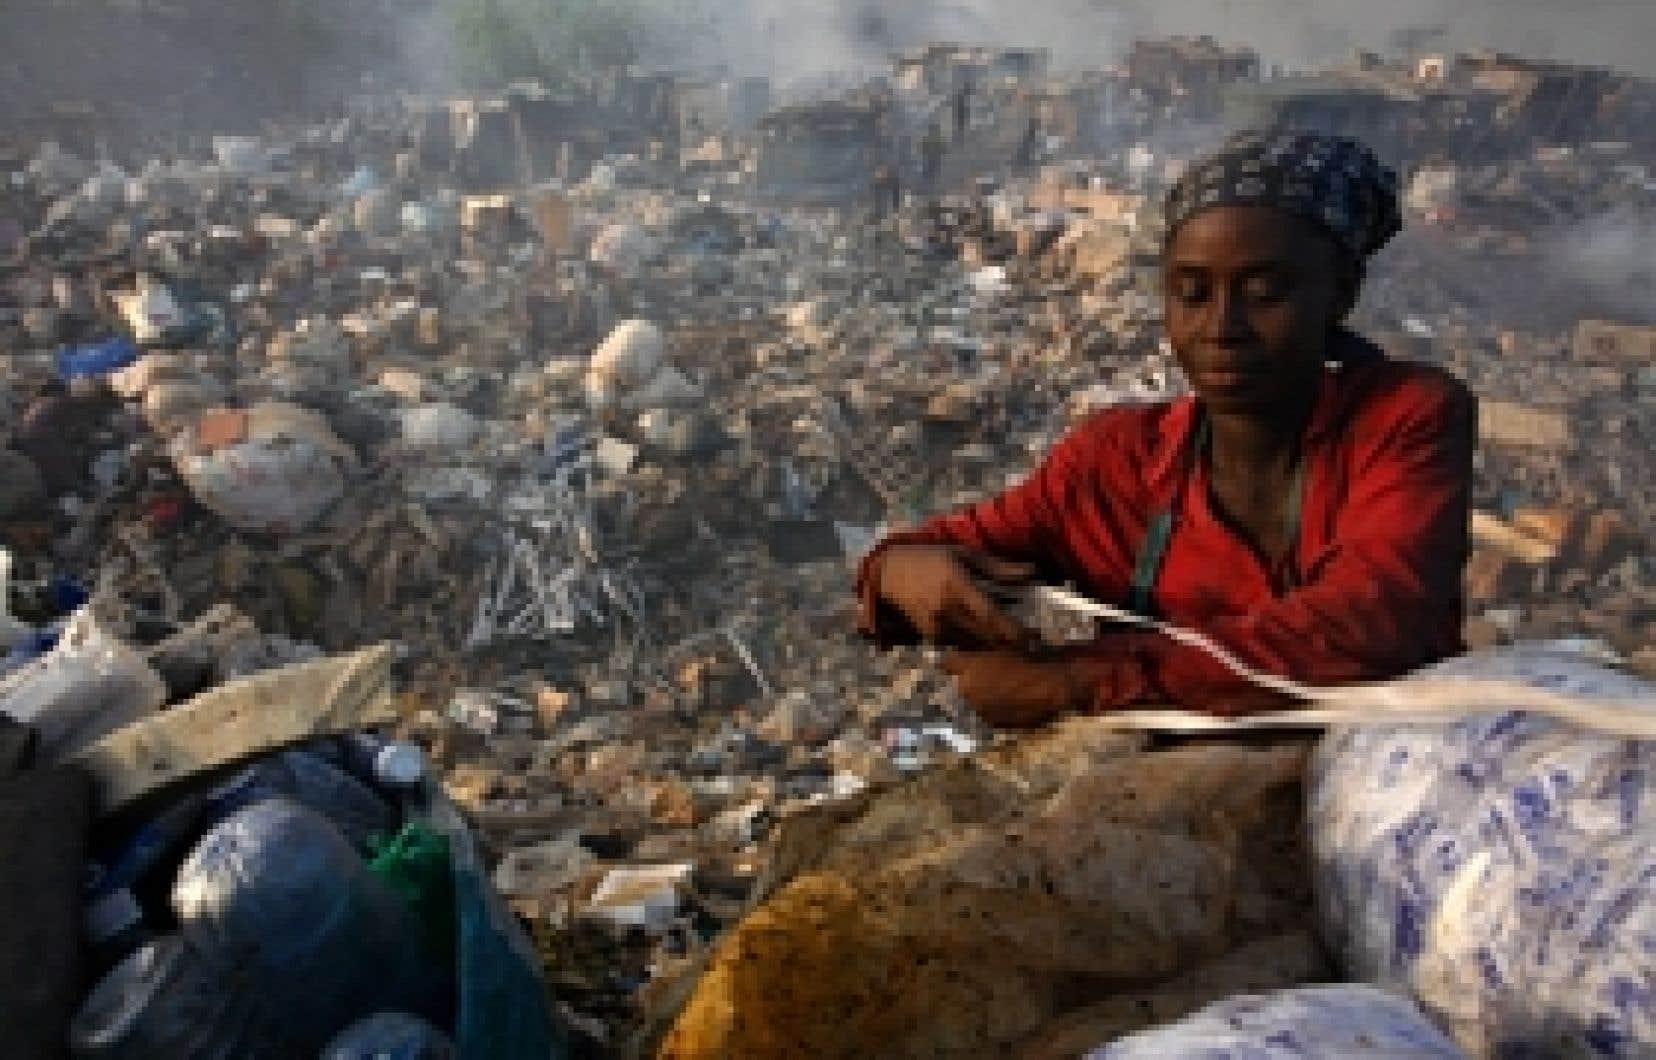 Une femme attache un sac de déchets qu'elle a récupérés dans le dépotoir d'Olusosun, au Nigeria. On gaspille beaucoup moins dans les pays pauvres et on récupère tout ce qu'on peut de façon artisanale.